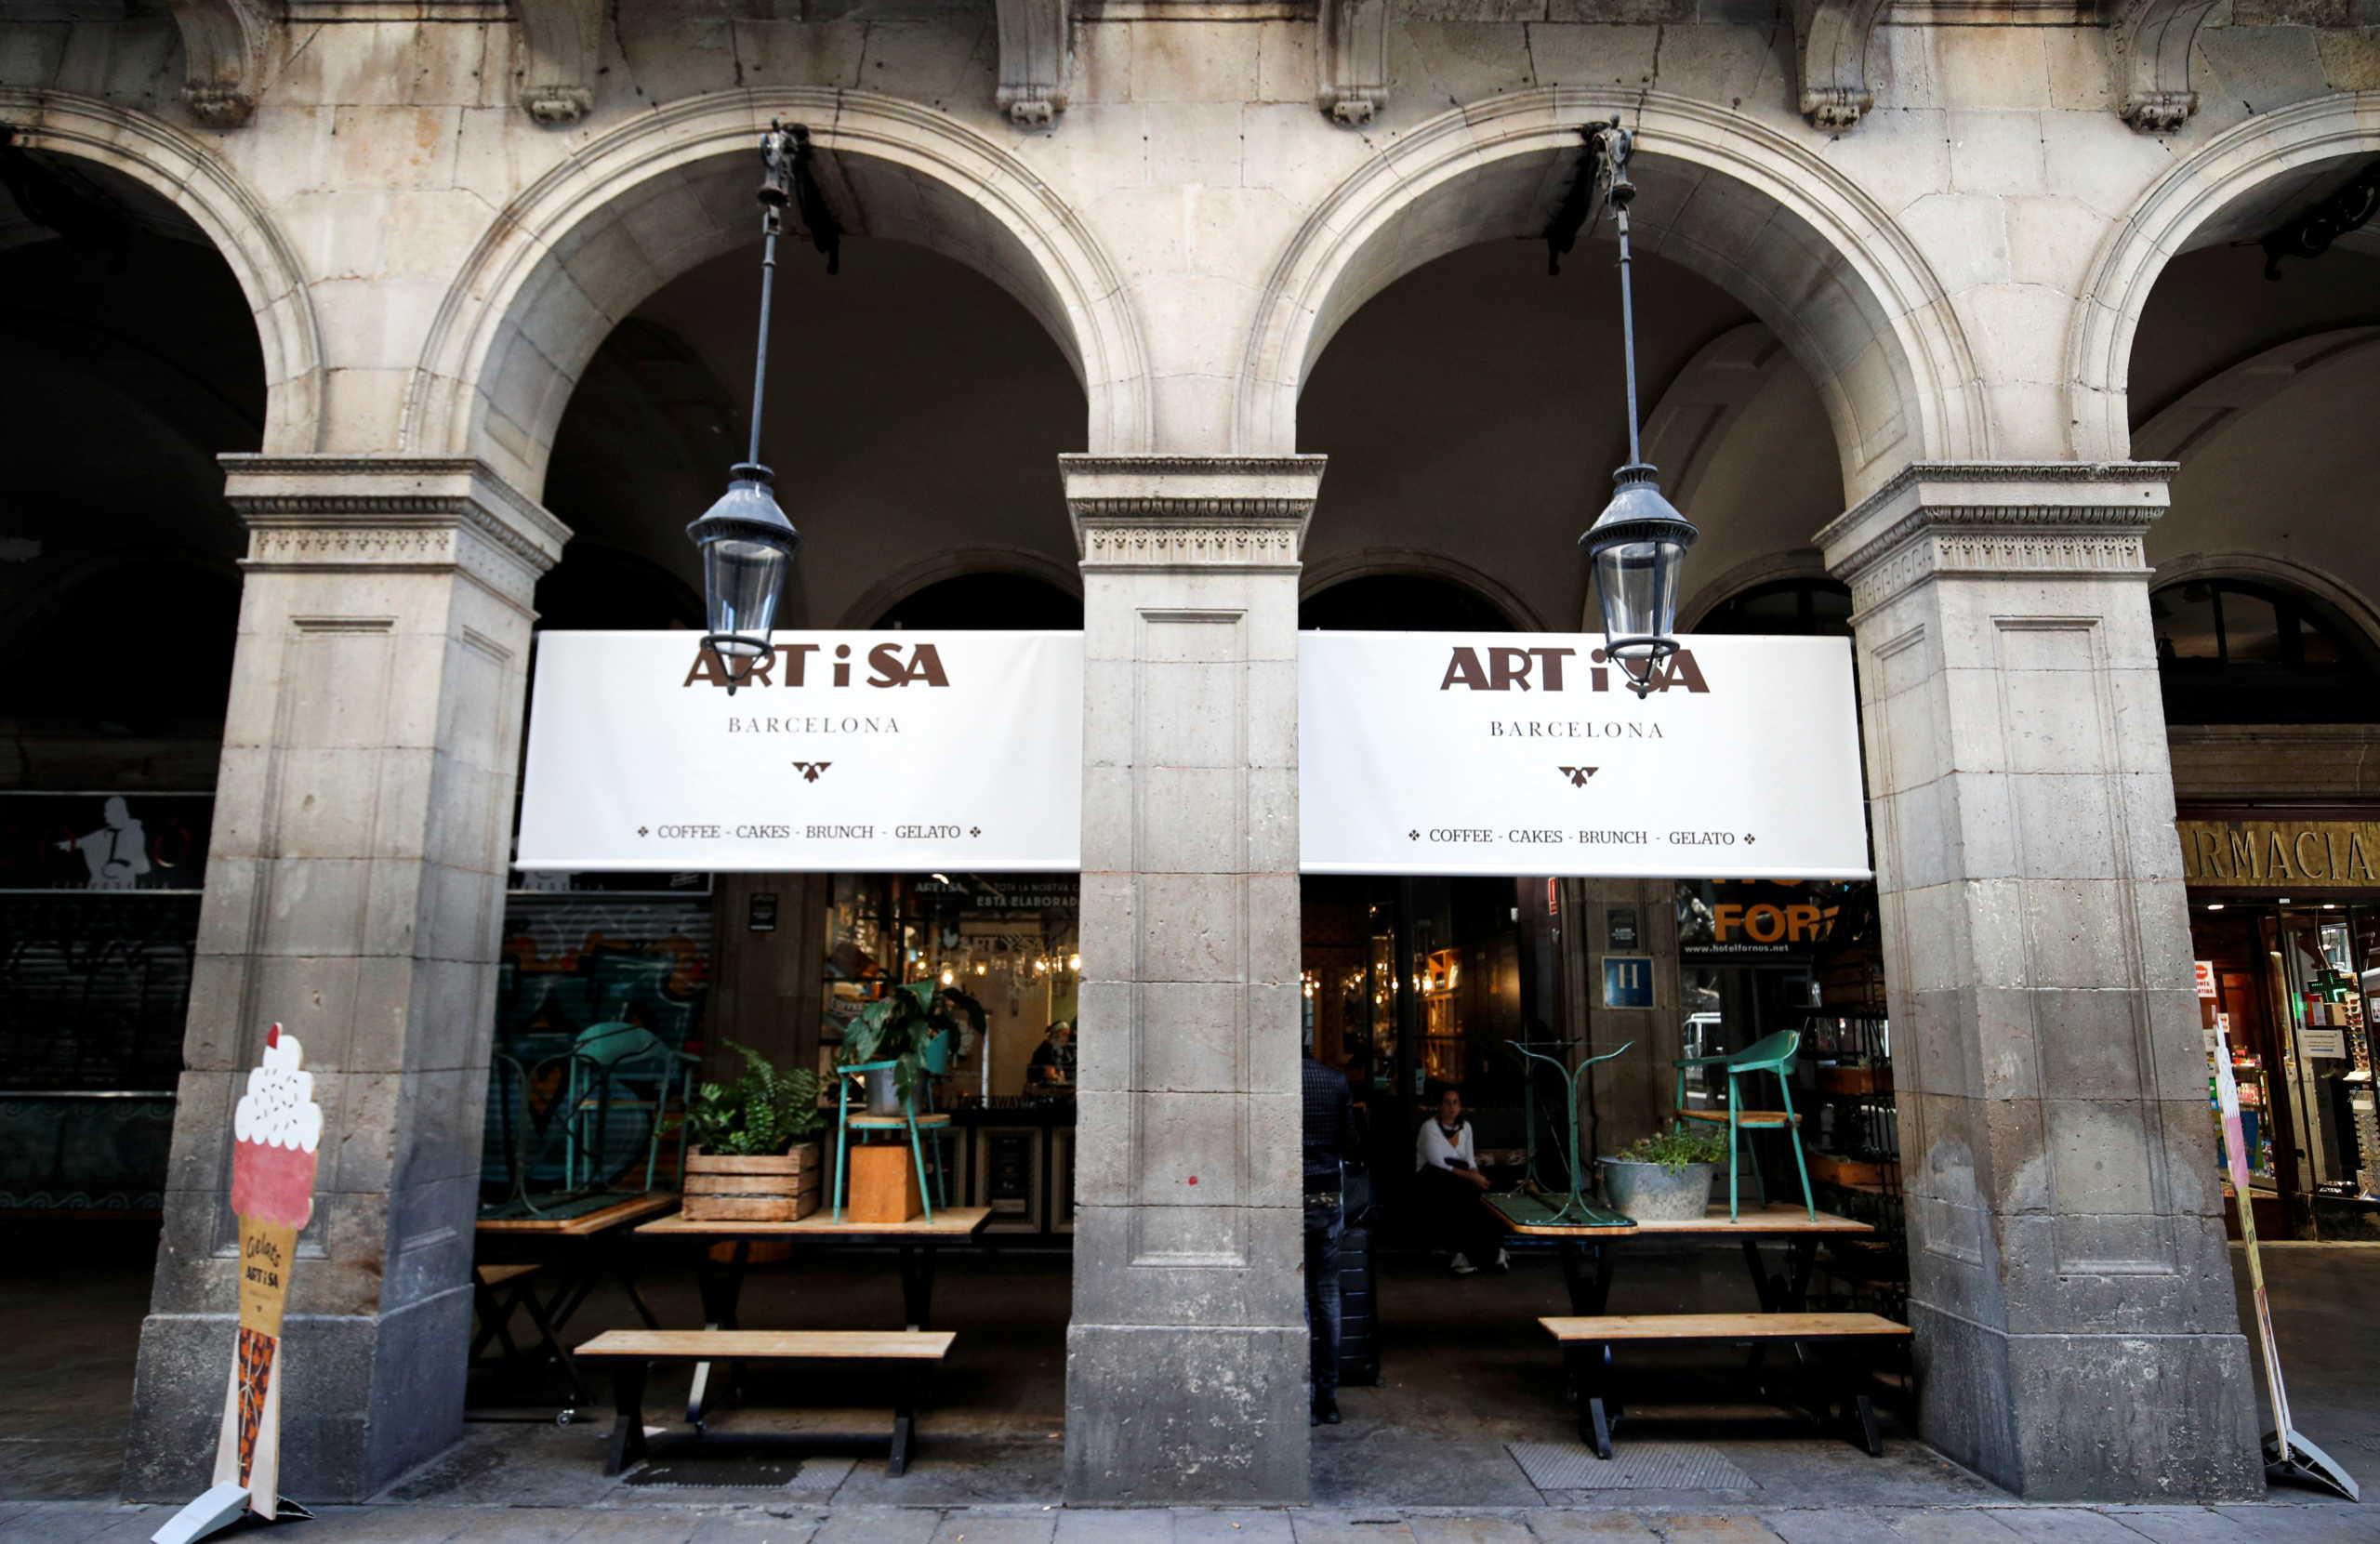 Κλειστά καταστήματα λόγω κορονοϊού στην Καταλονία